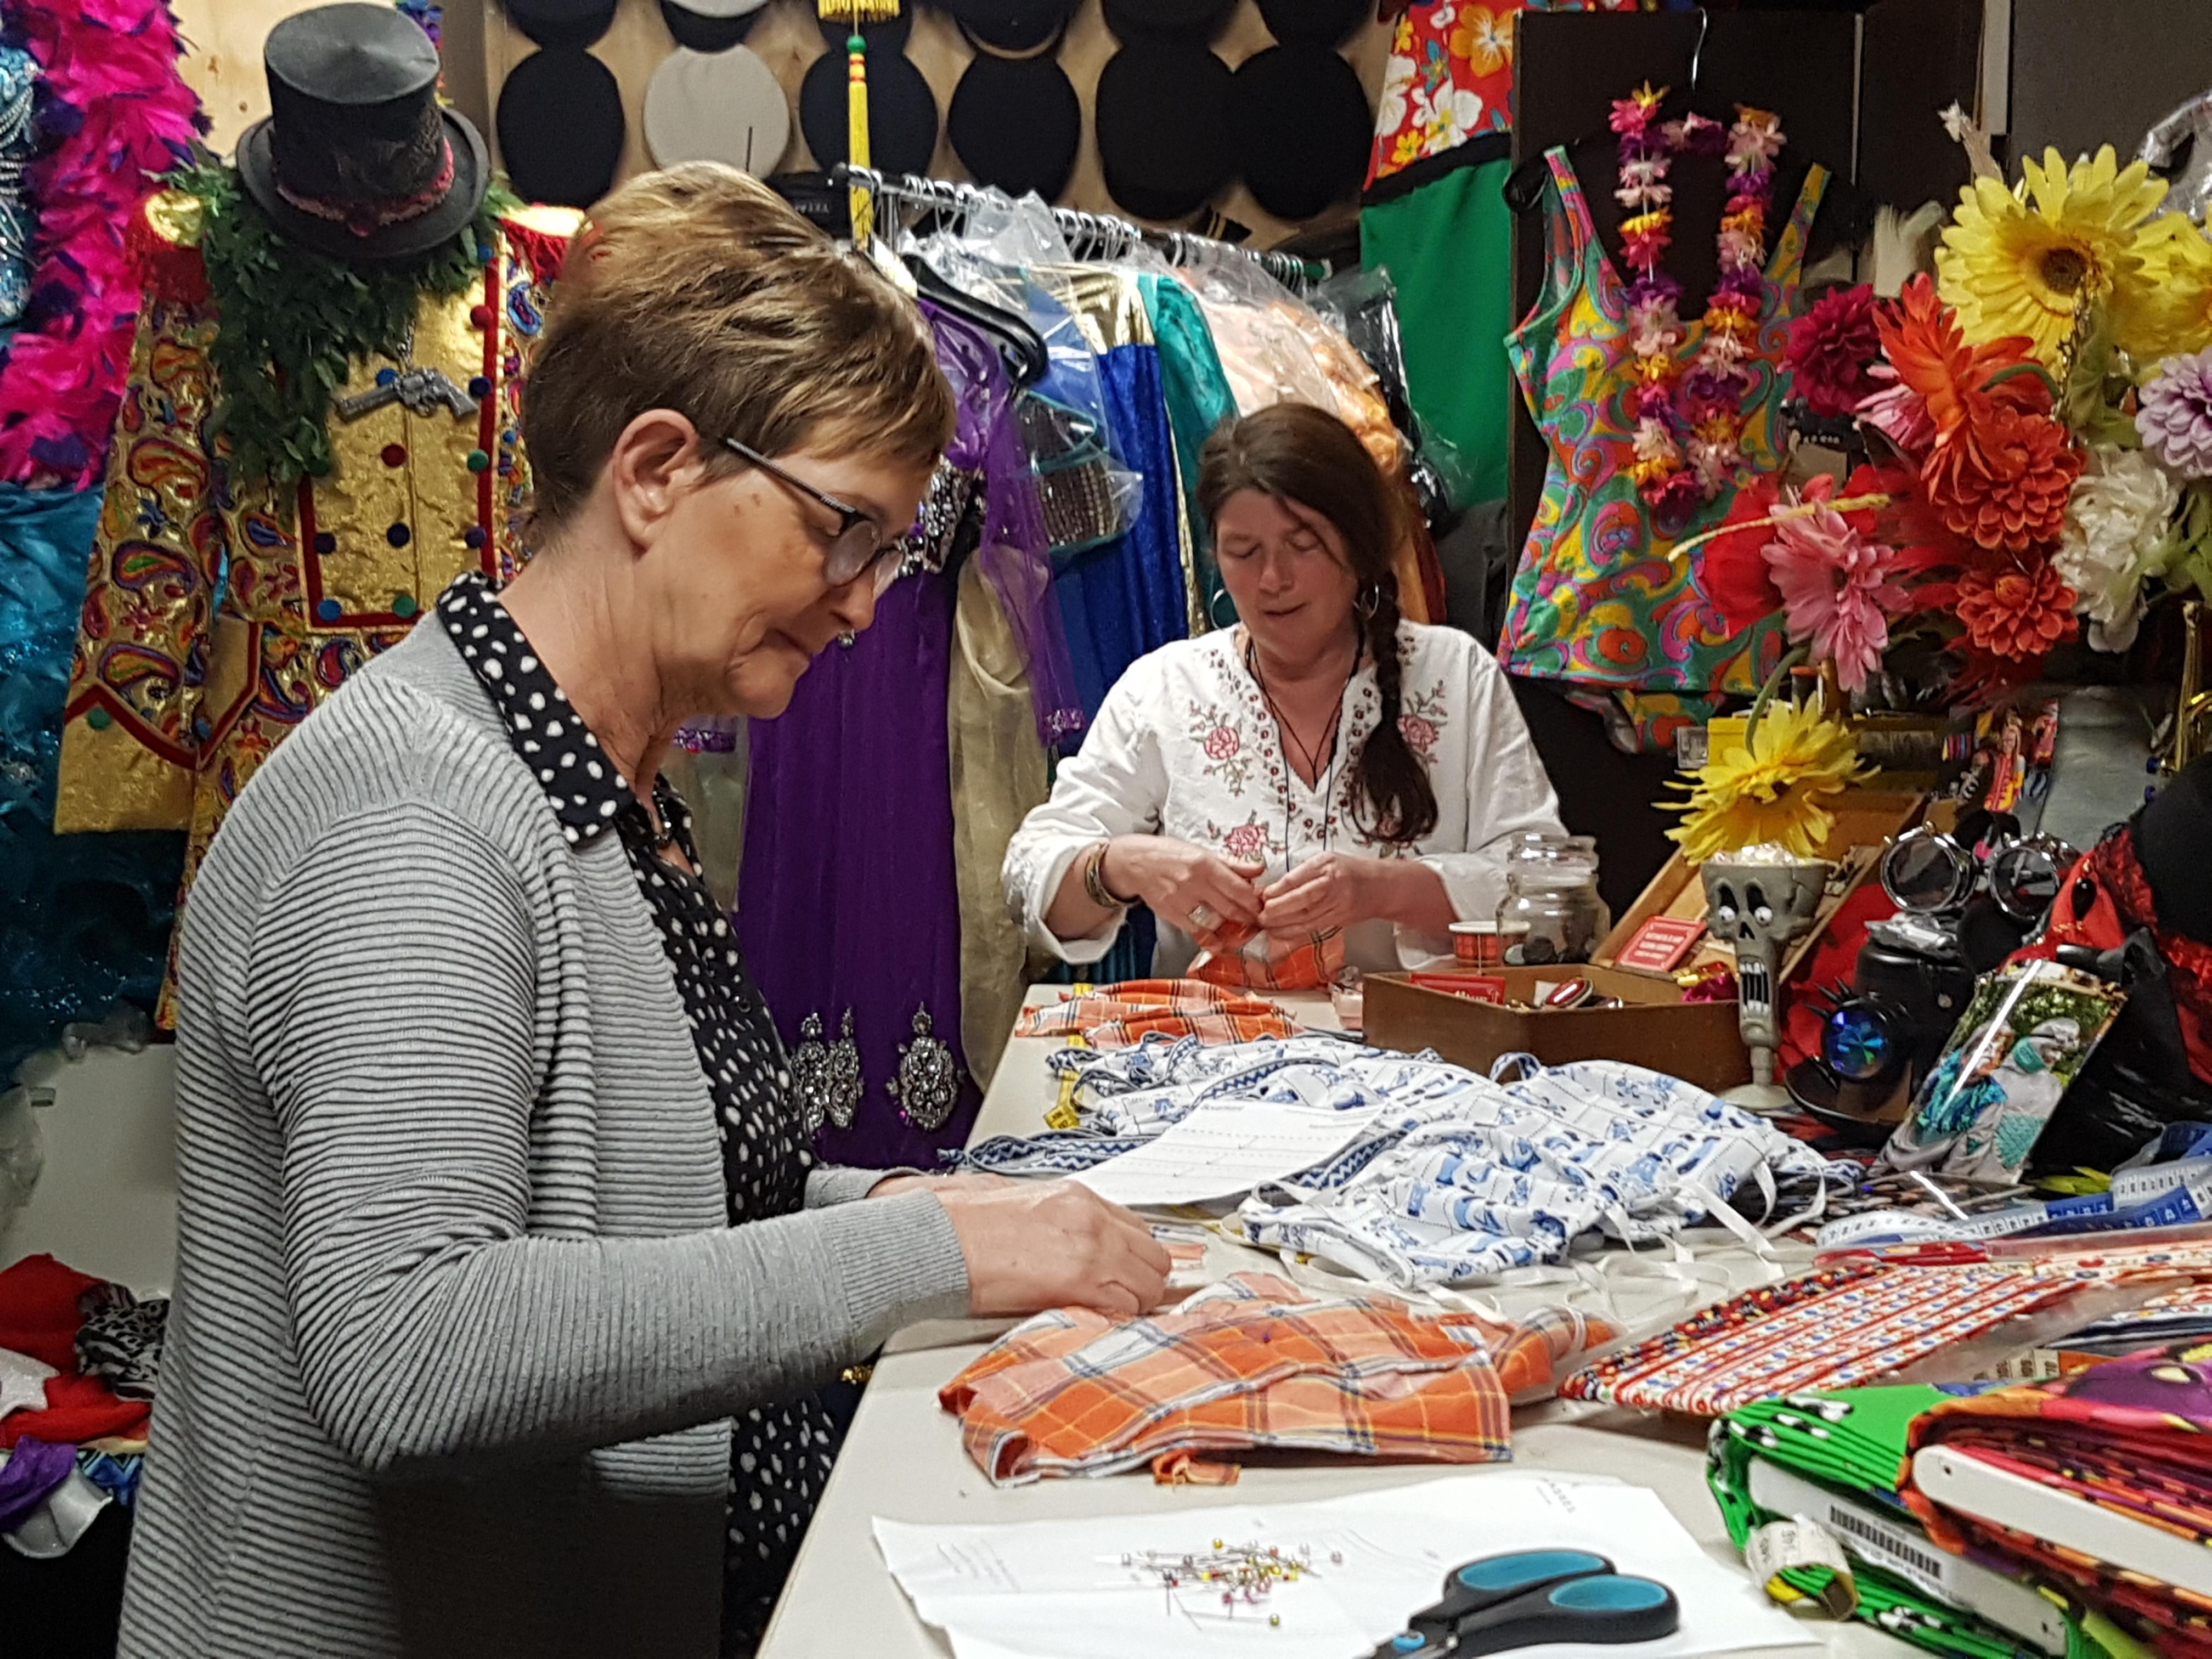 Conny maakt in Wognum mondkapjes tussen de verkleedkleren; 'Ik wil belangeloos wat doen voor hulpverleners'